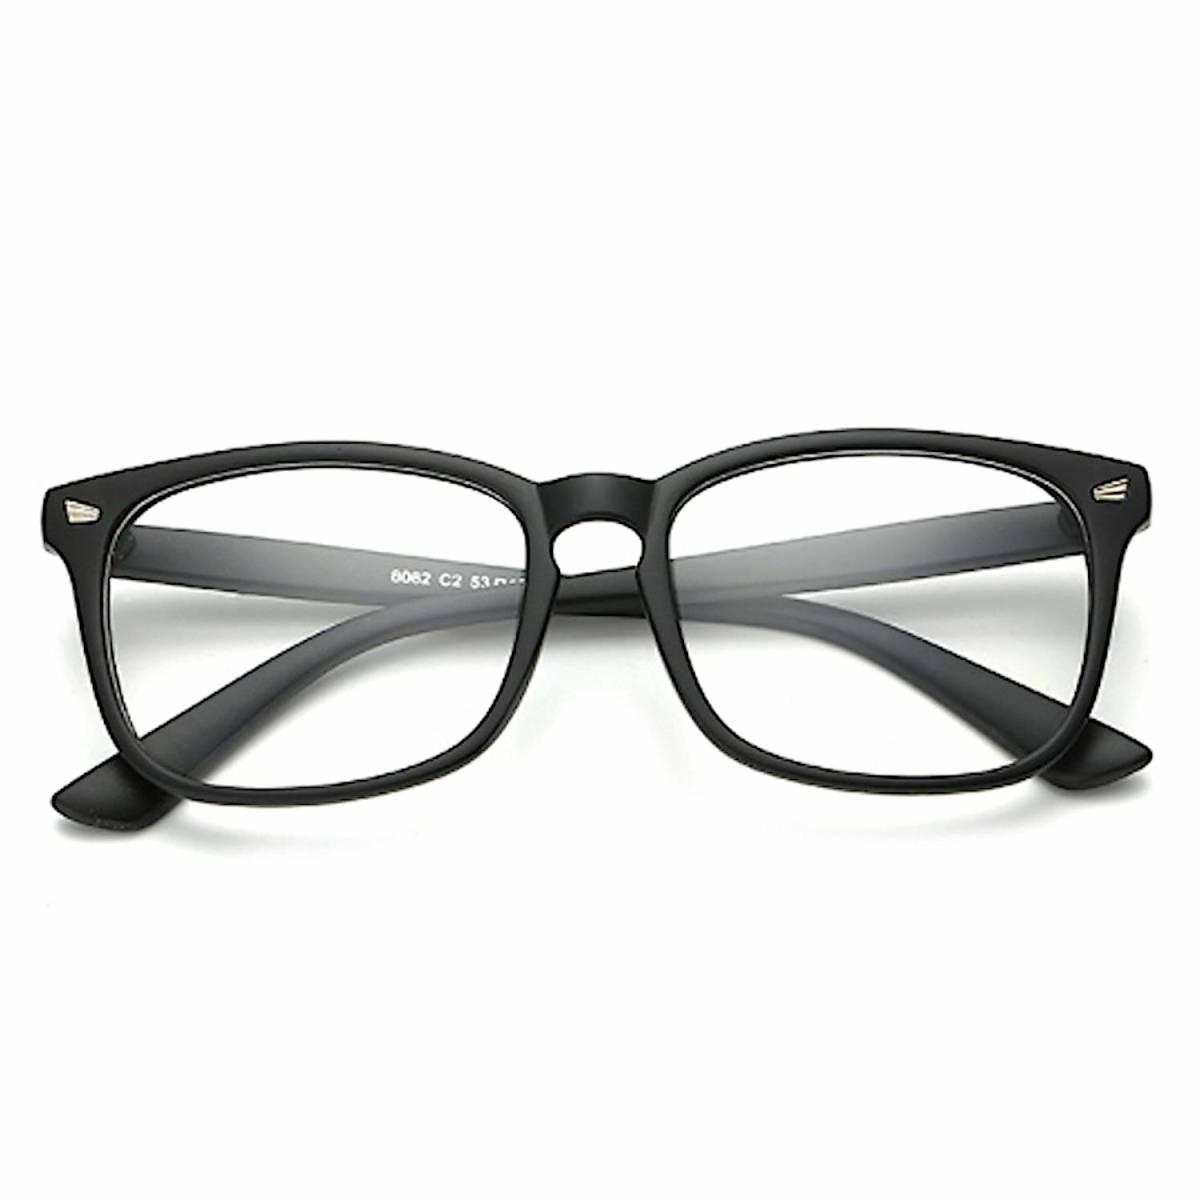 【メガネケース&クロス付】伊達メガネ 超軽量 ブルーライトカット 伊達眼鏡 ウェリントン型 おしゃれ 黒縁眼鏡 マットブラック 送料無料_画像1